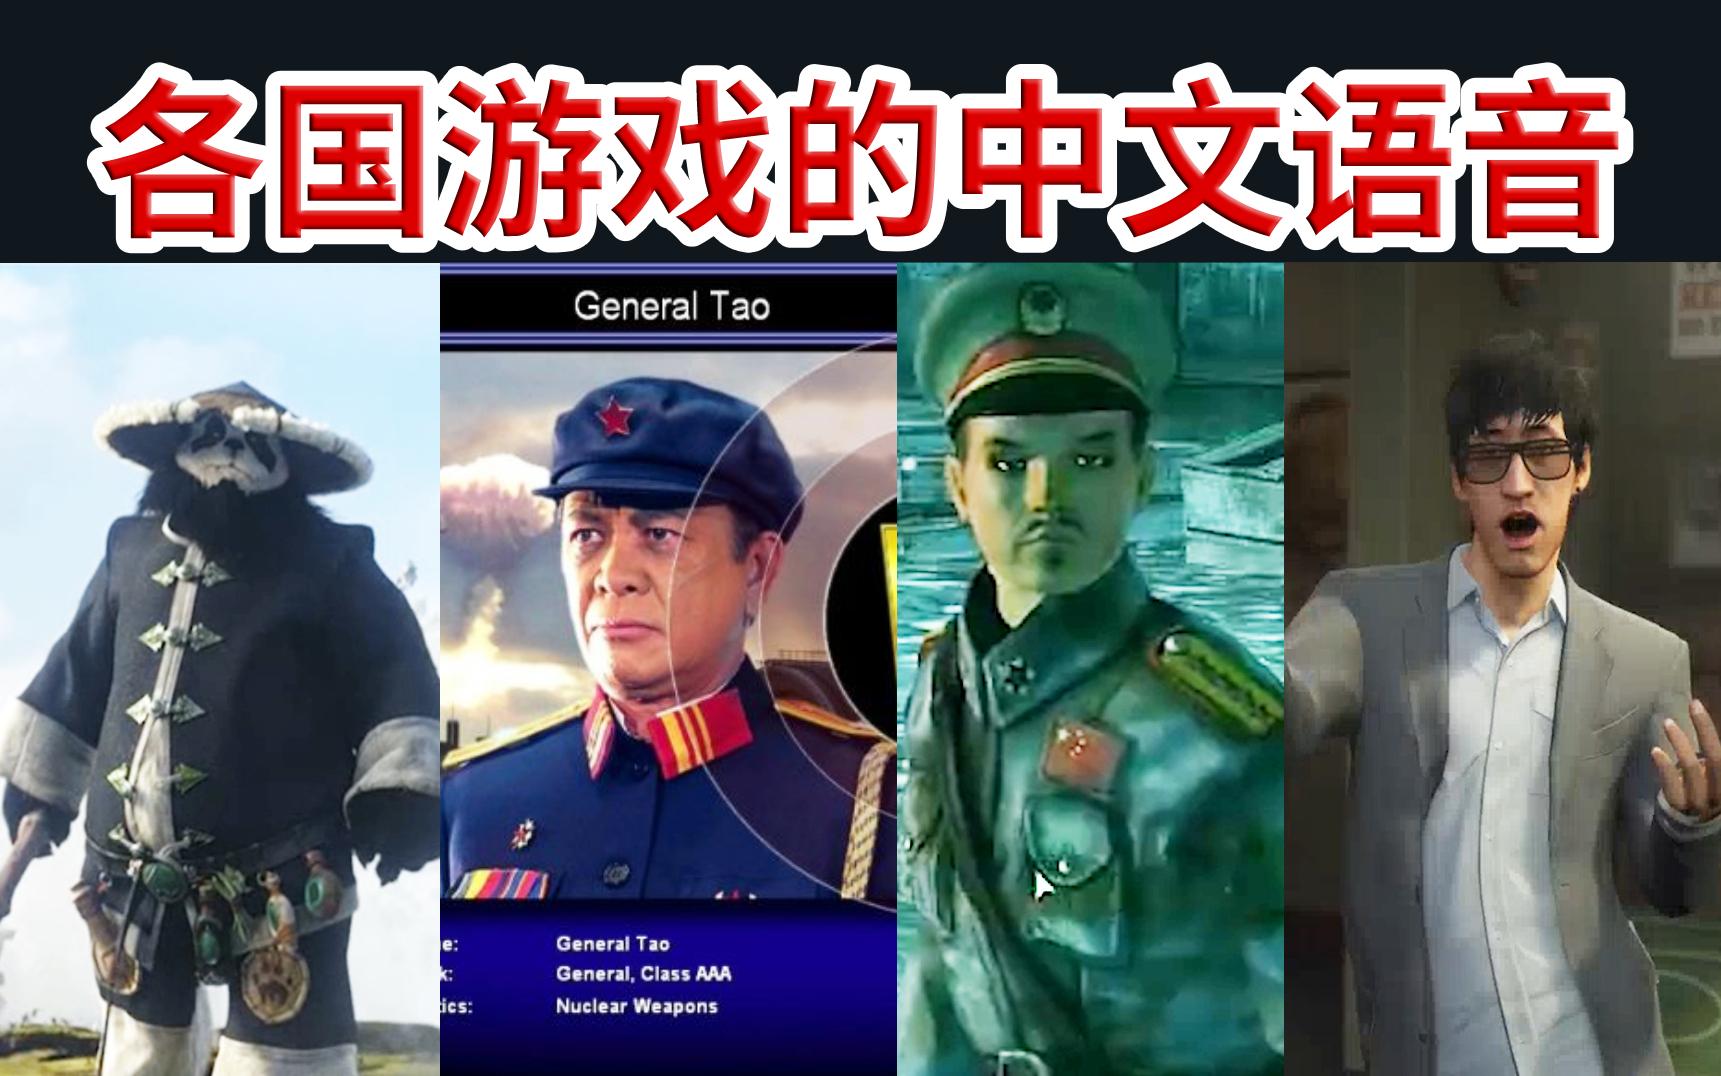 外国游戏中的中文水平对比